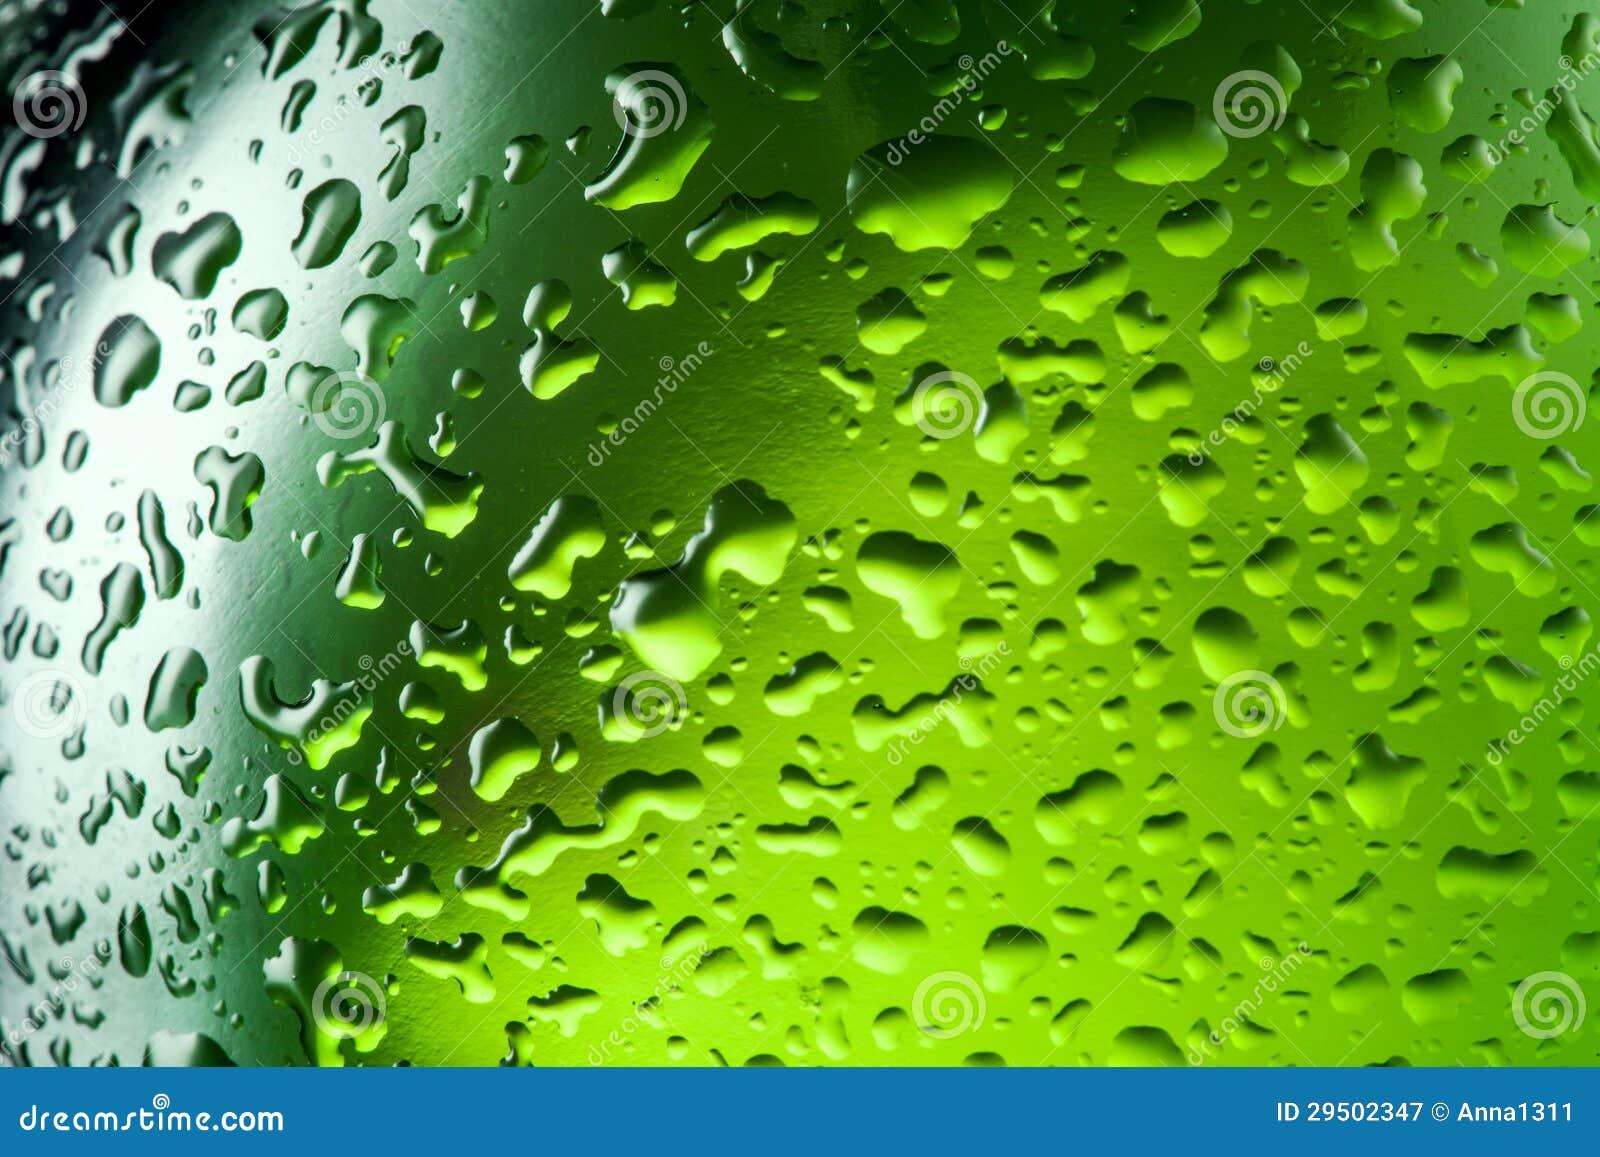 De dalingentextuur van het water op de fles bier. Abstracte achtergrond